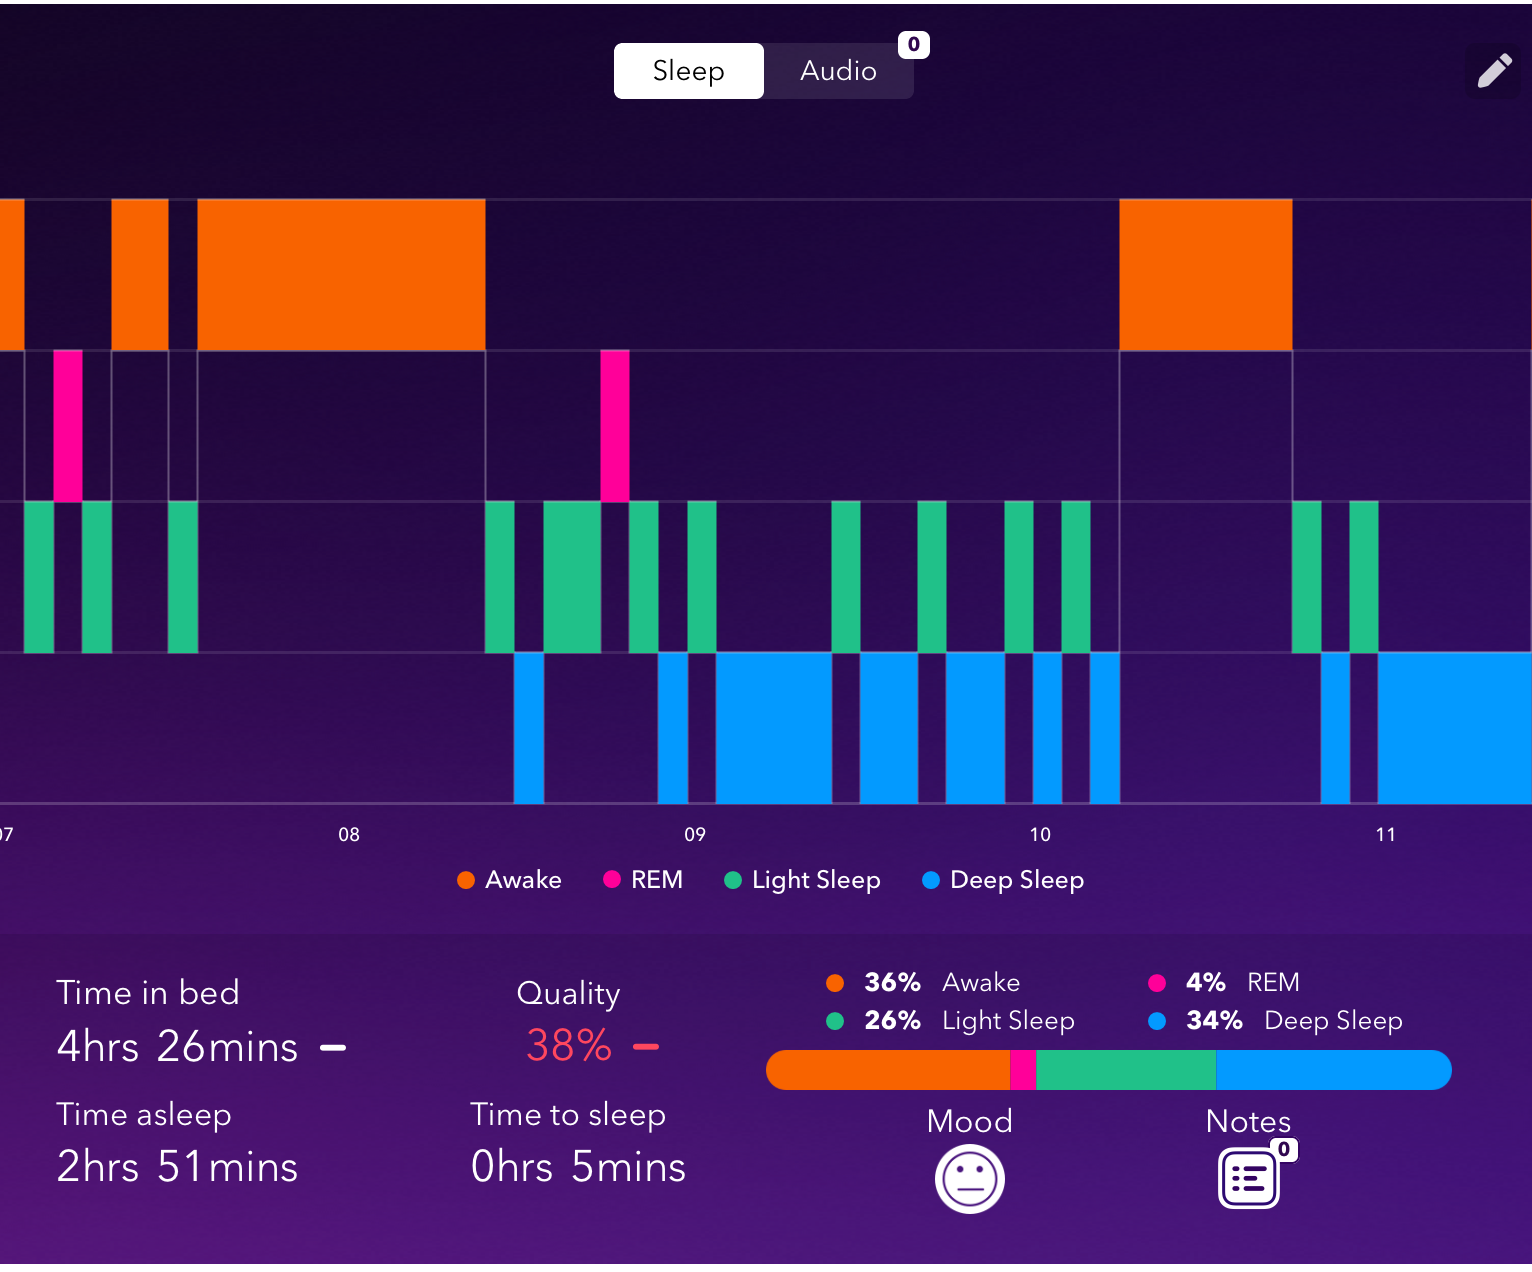 Søvntyper inddelt efter farver med Pillow